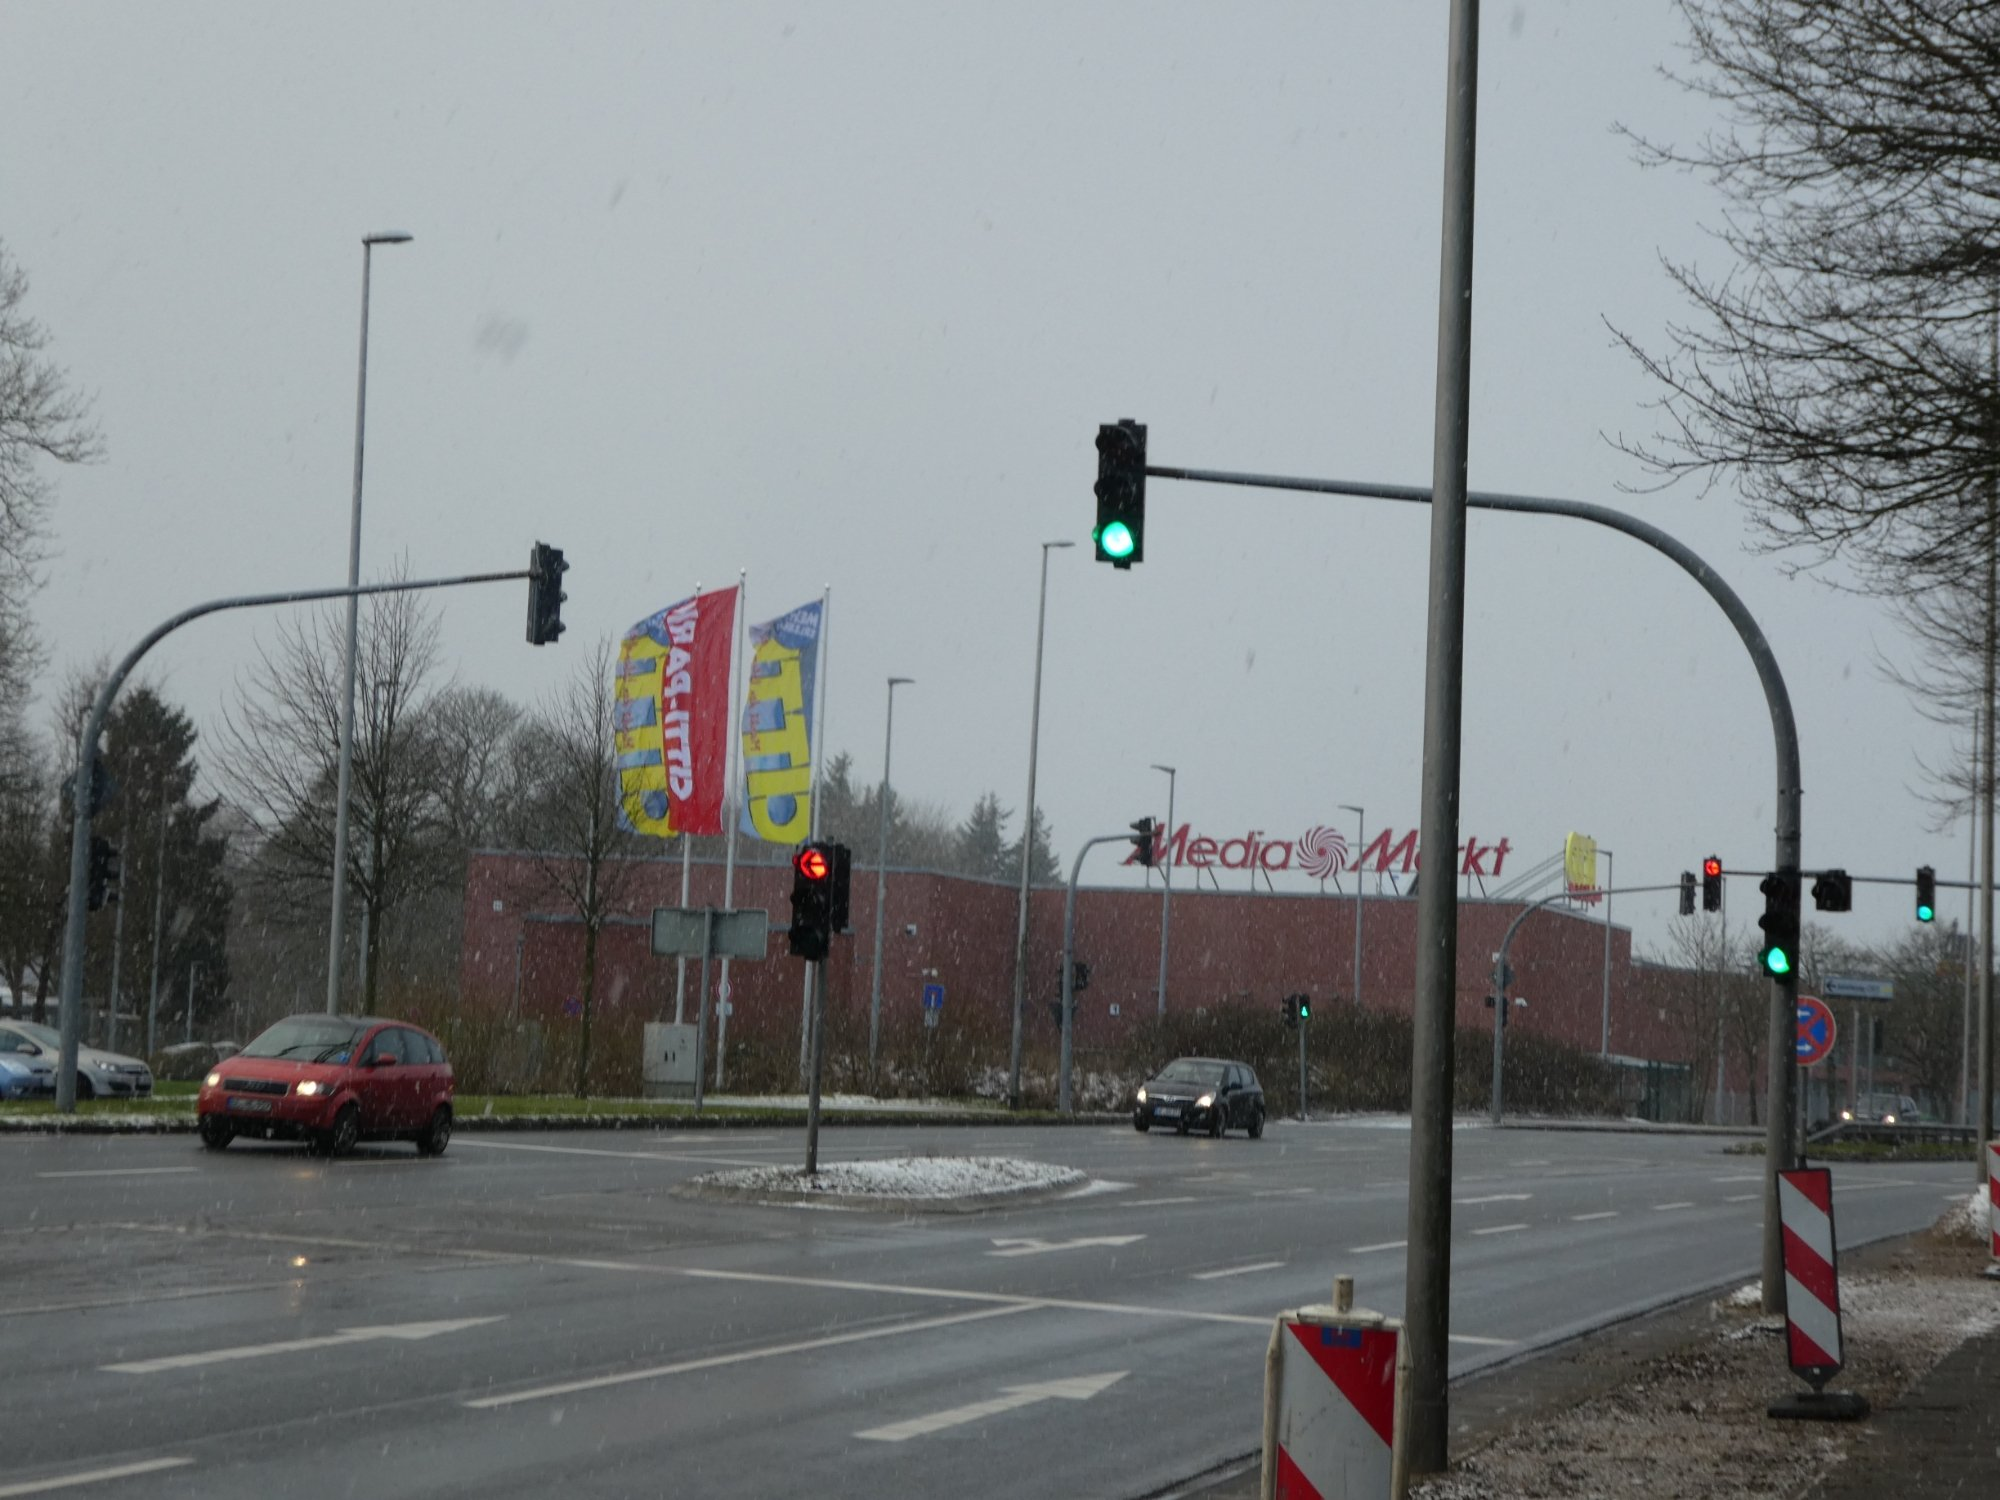 eskorte københavn bauhaus tyskland flensburg